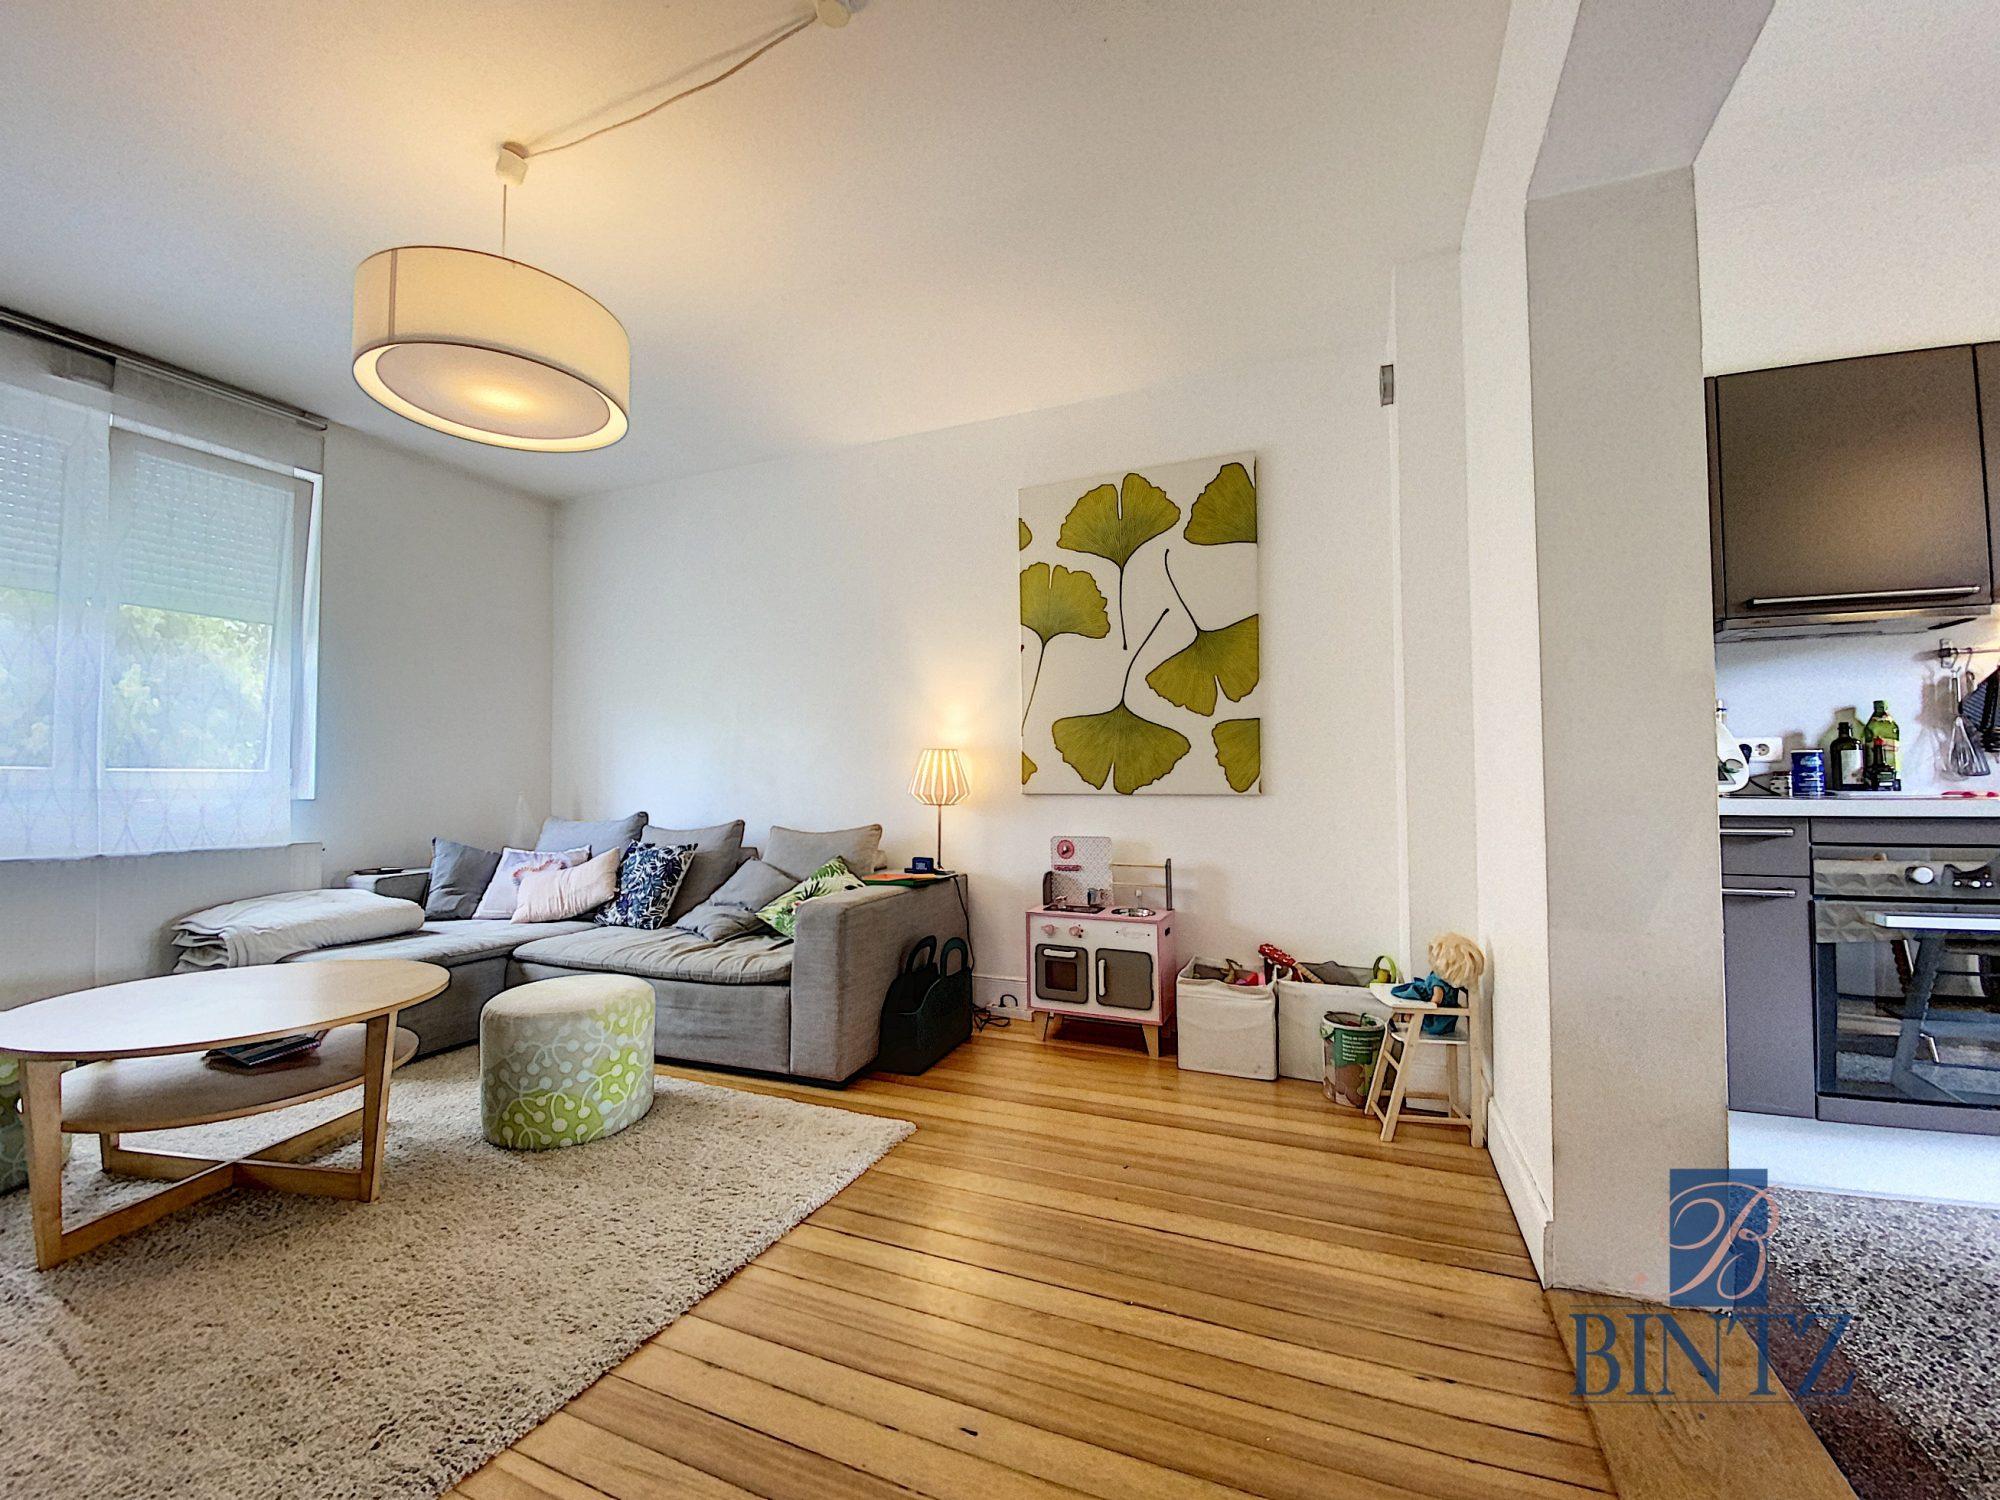 3 pièces avec terrasse à la Robertsau - Devenez propriétaire en toute confiance - Bintz Immobilier - 3